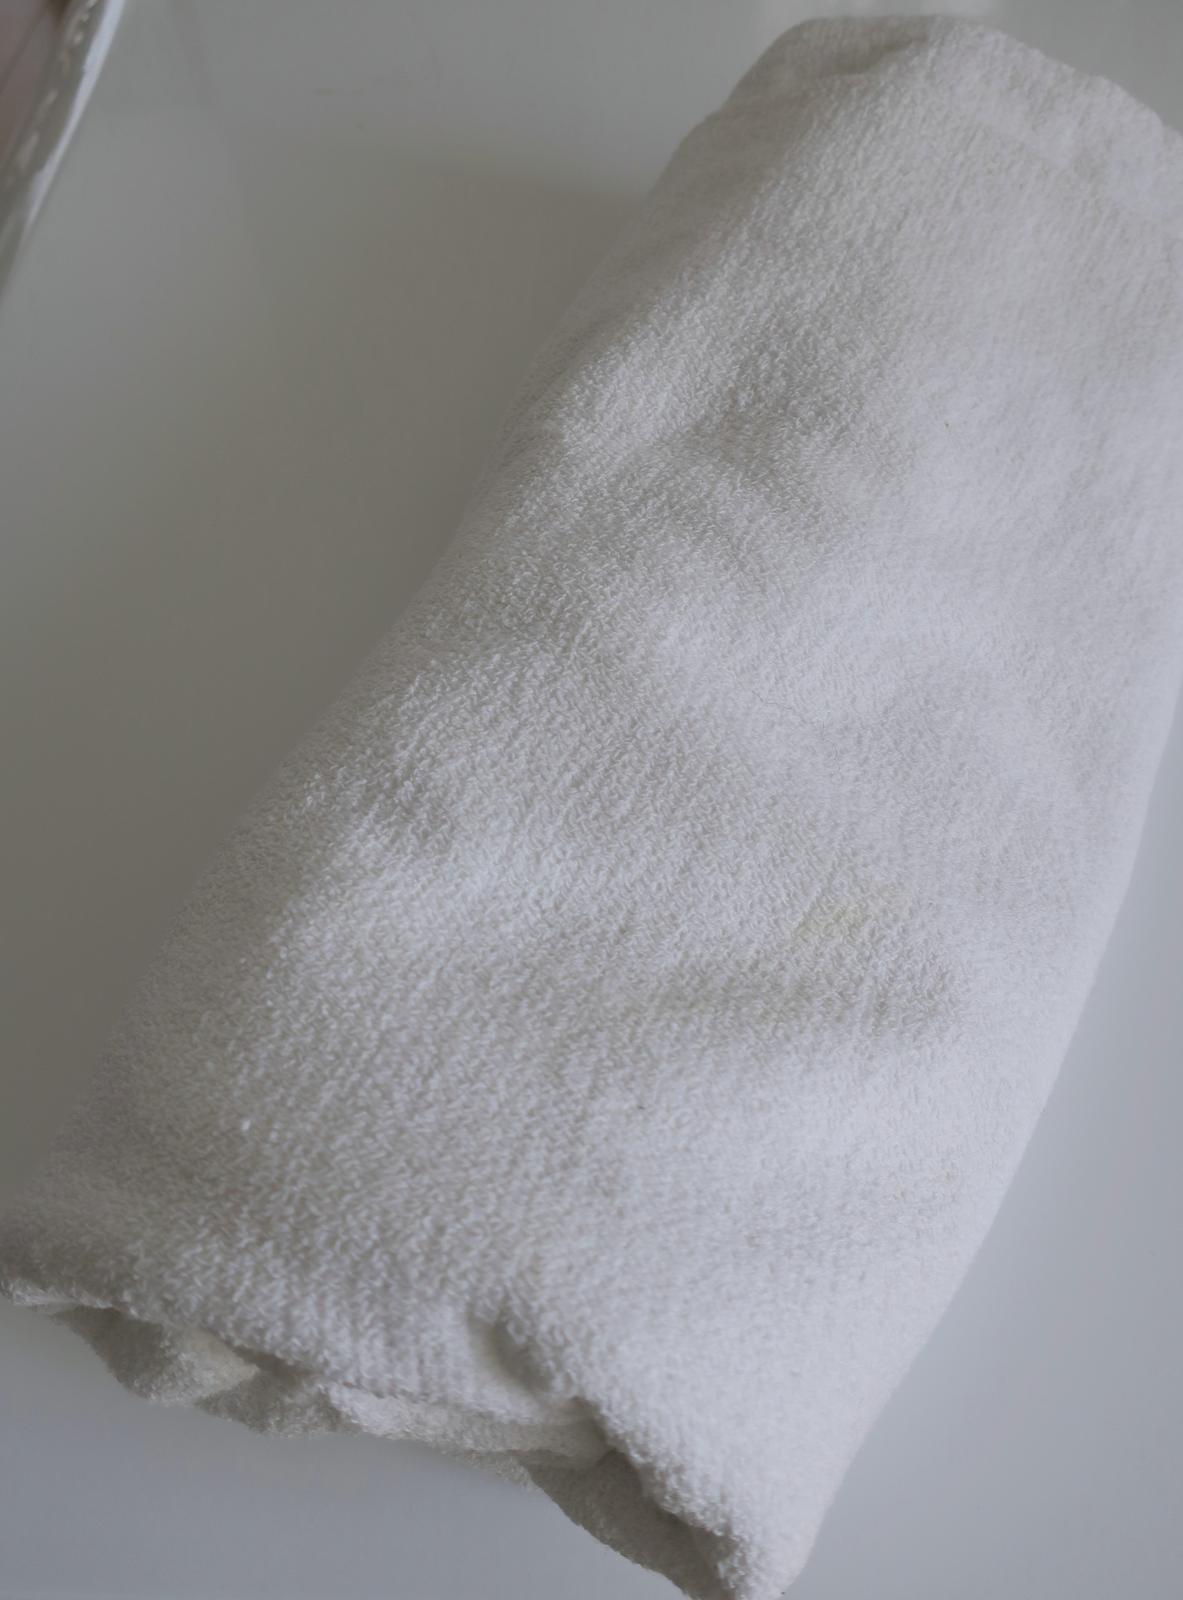 Biela Froté látka - Obrázok č. 1